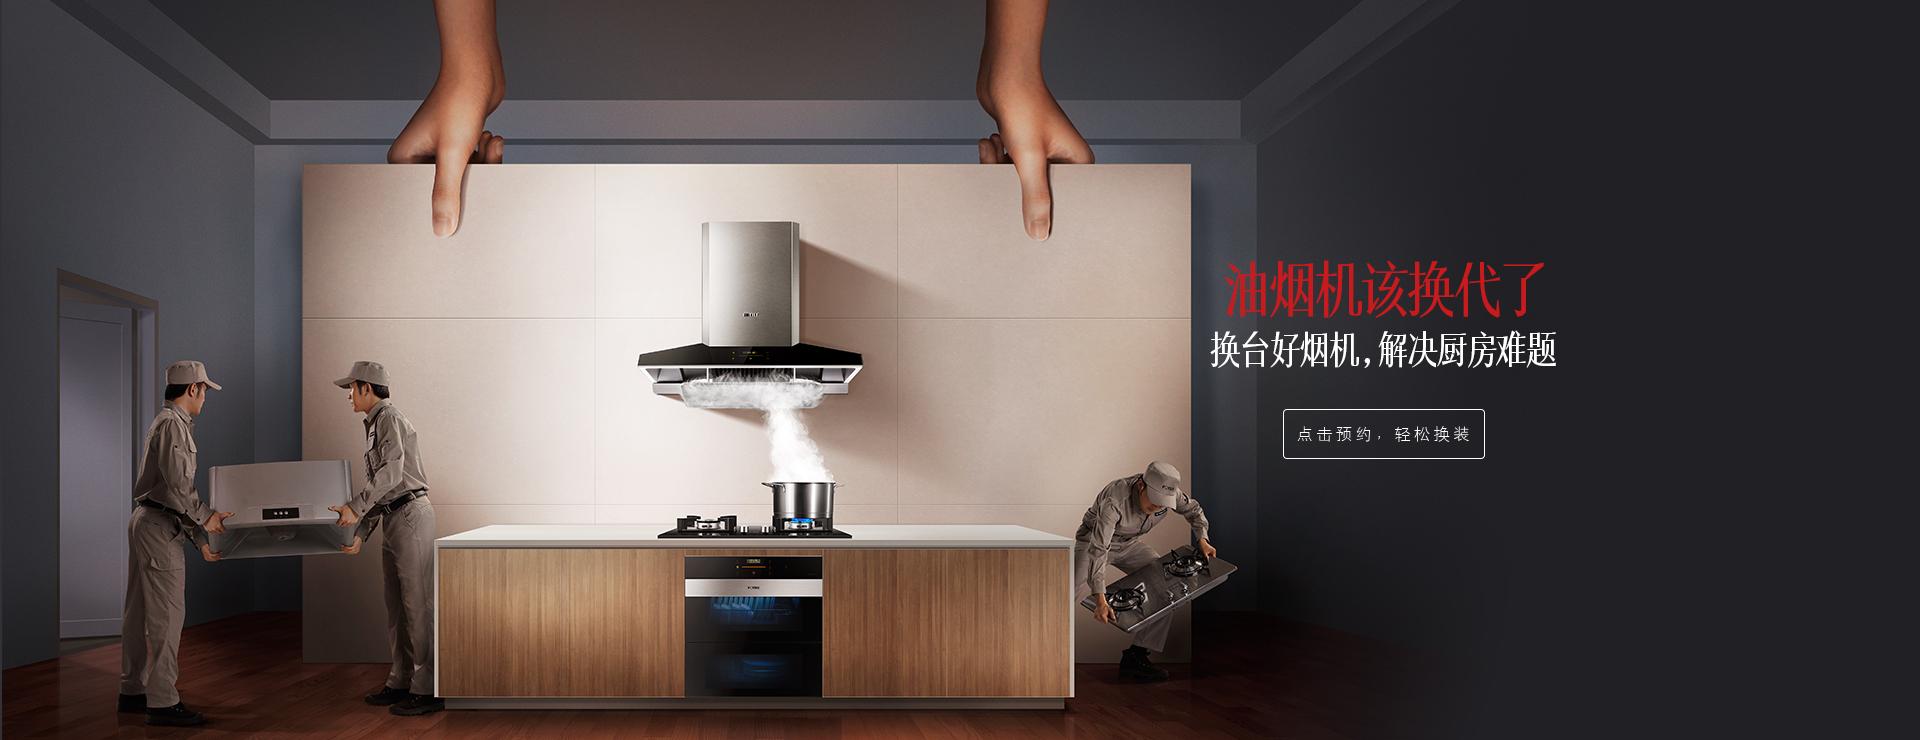 方太油煙機換裝 - FOTILE方太廚房電器官方網站